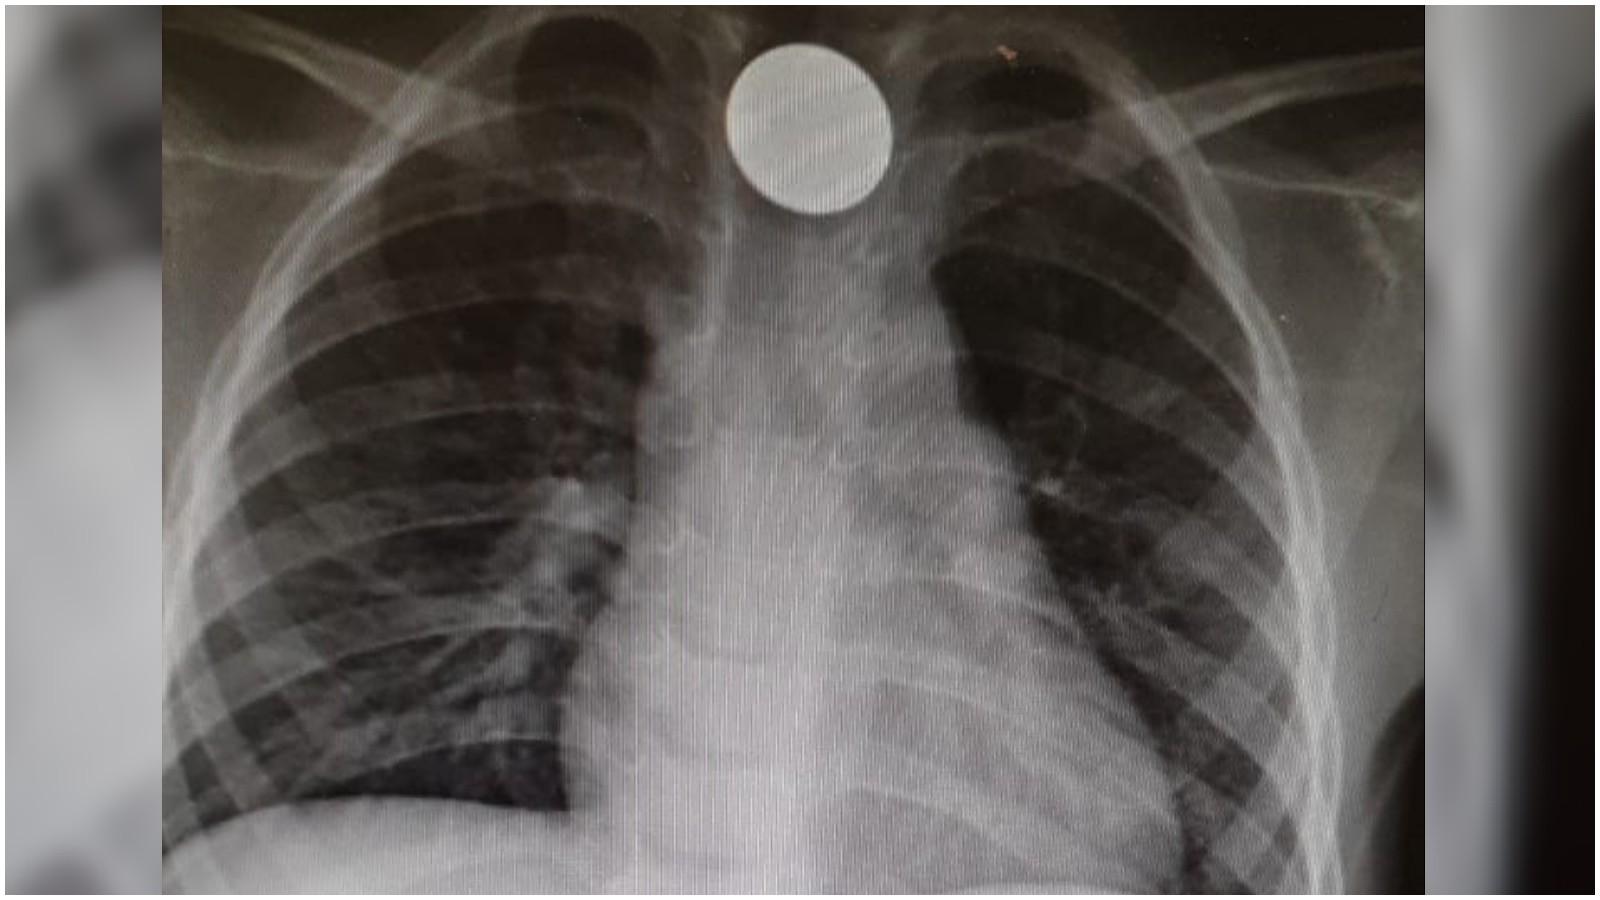 צילום רנטגן של אחד הילדים ששאף מטבע וטופל בבית החולים מאיר. צילום באדיבות בית החולים